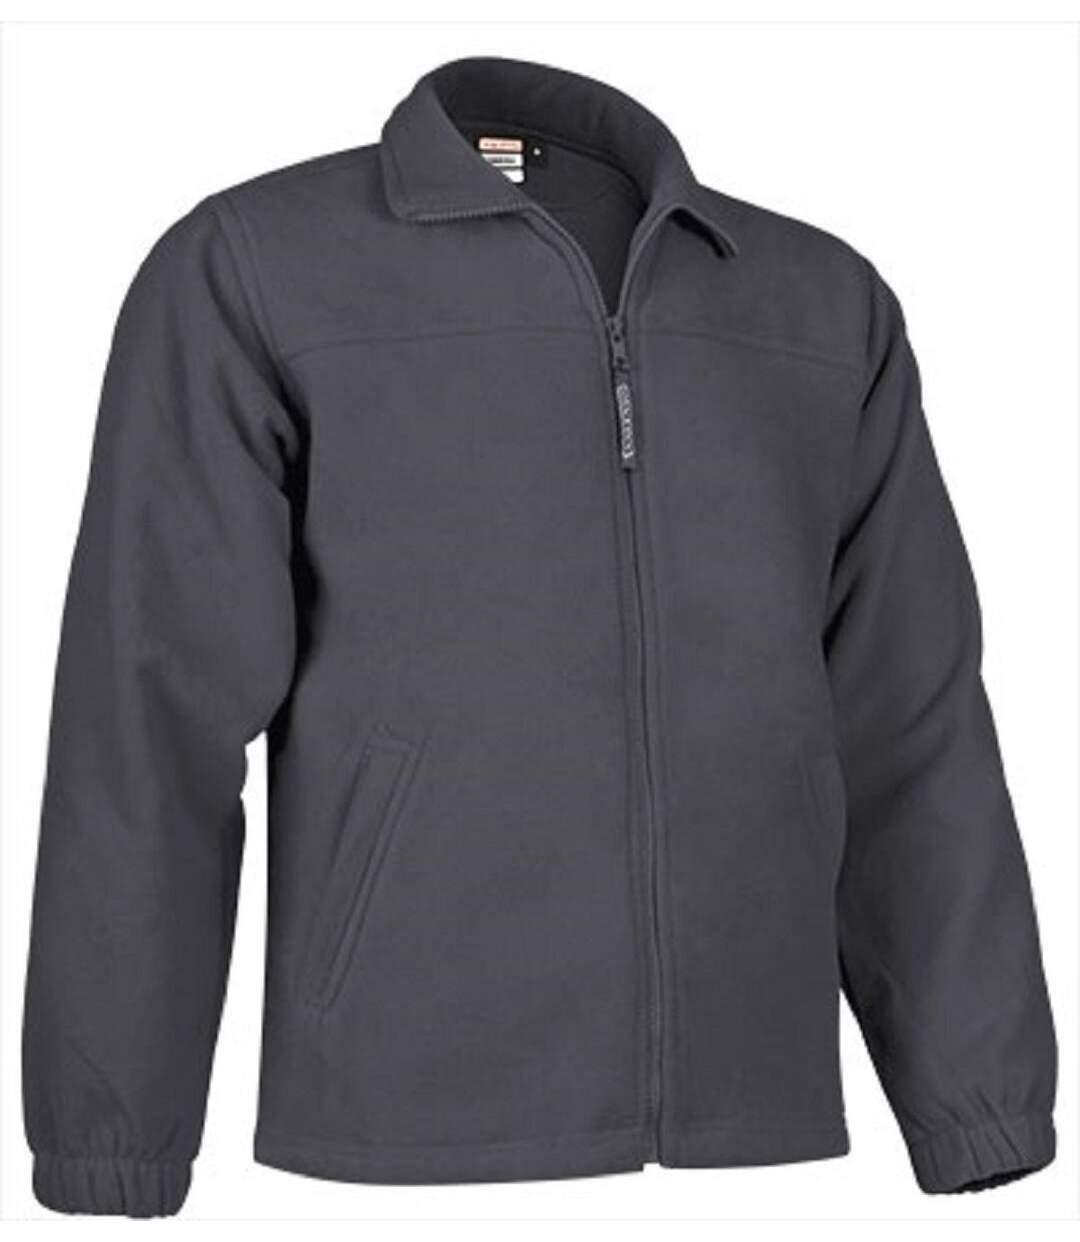 Veste polaire zippée - Homme - REF DAKOTA - gris charbon